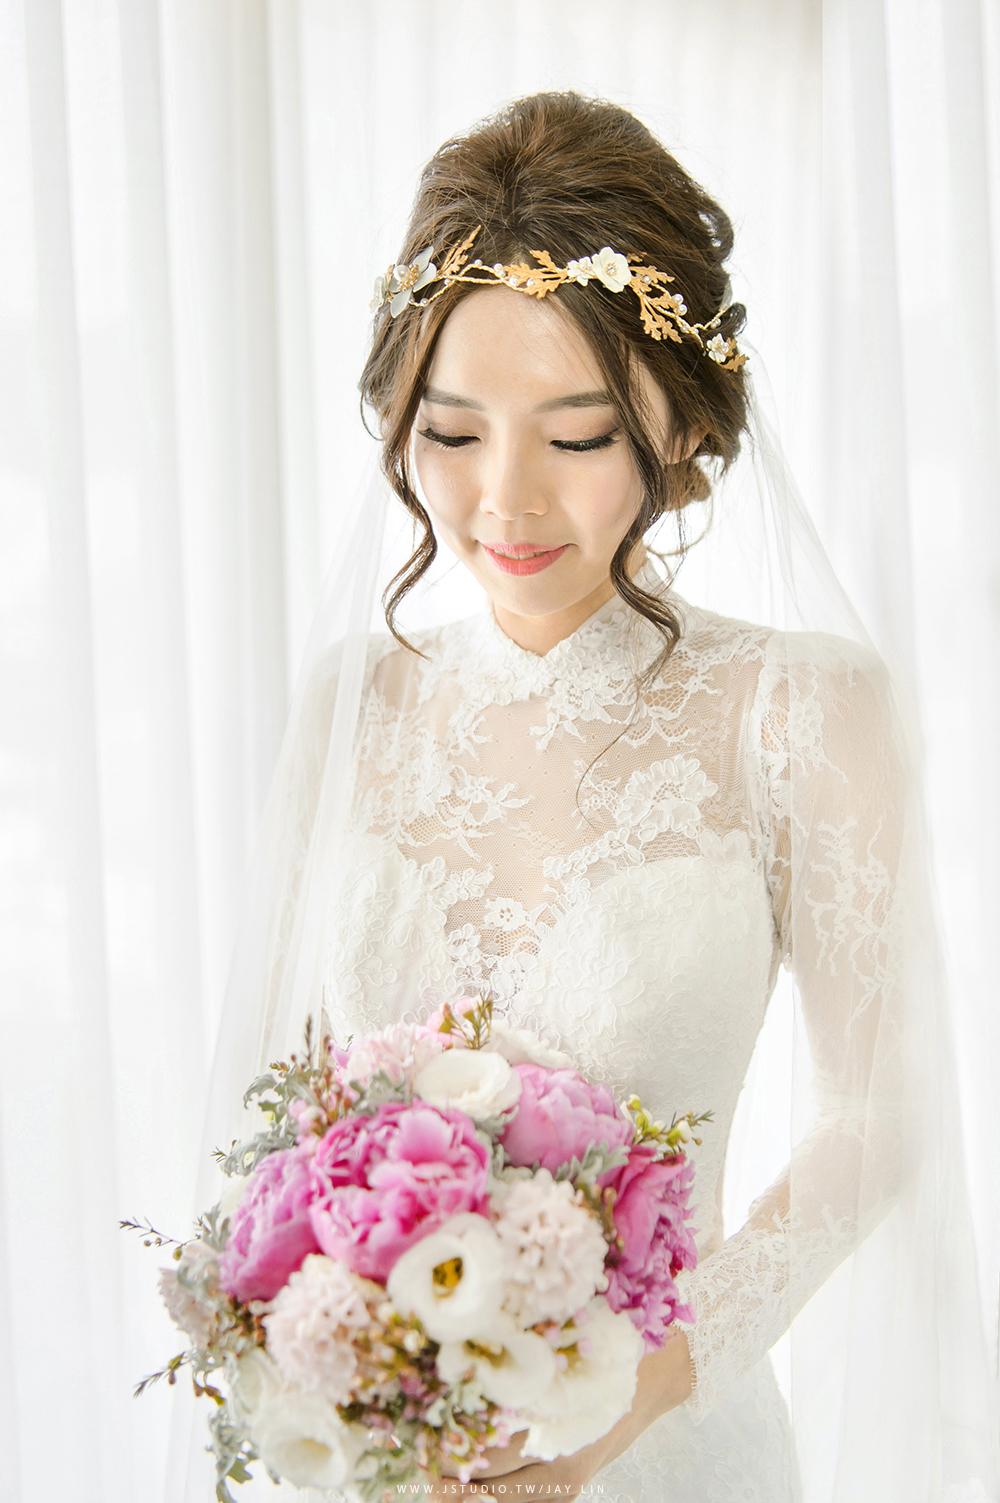 婚攝 台北萬豪酒店 台北婚攝 婚禮紀錄 推薦婚攝 戶外證婚 JSTUDIO_0059